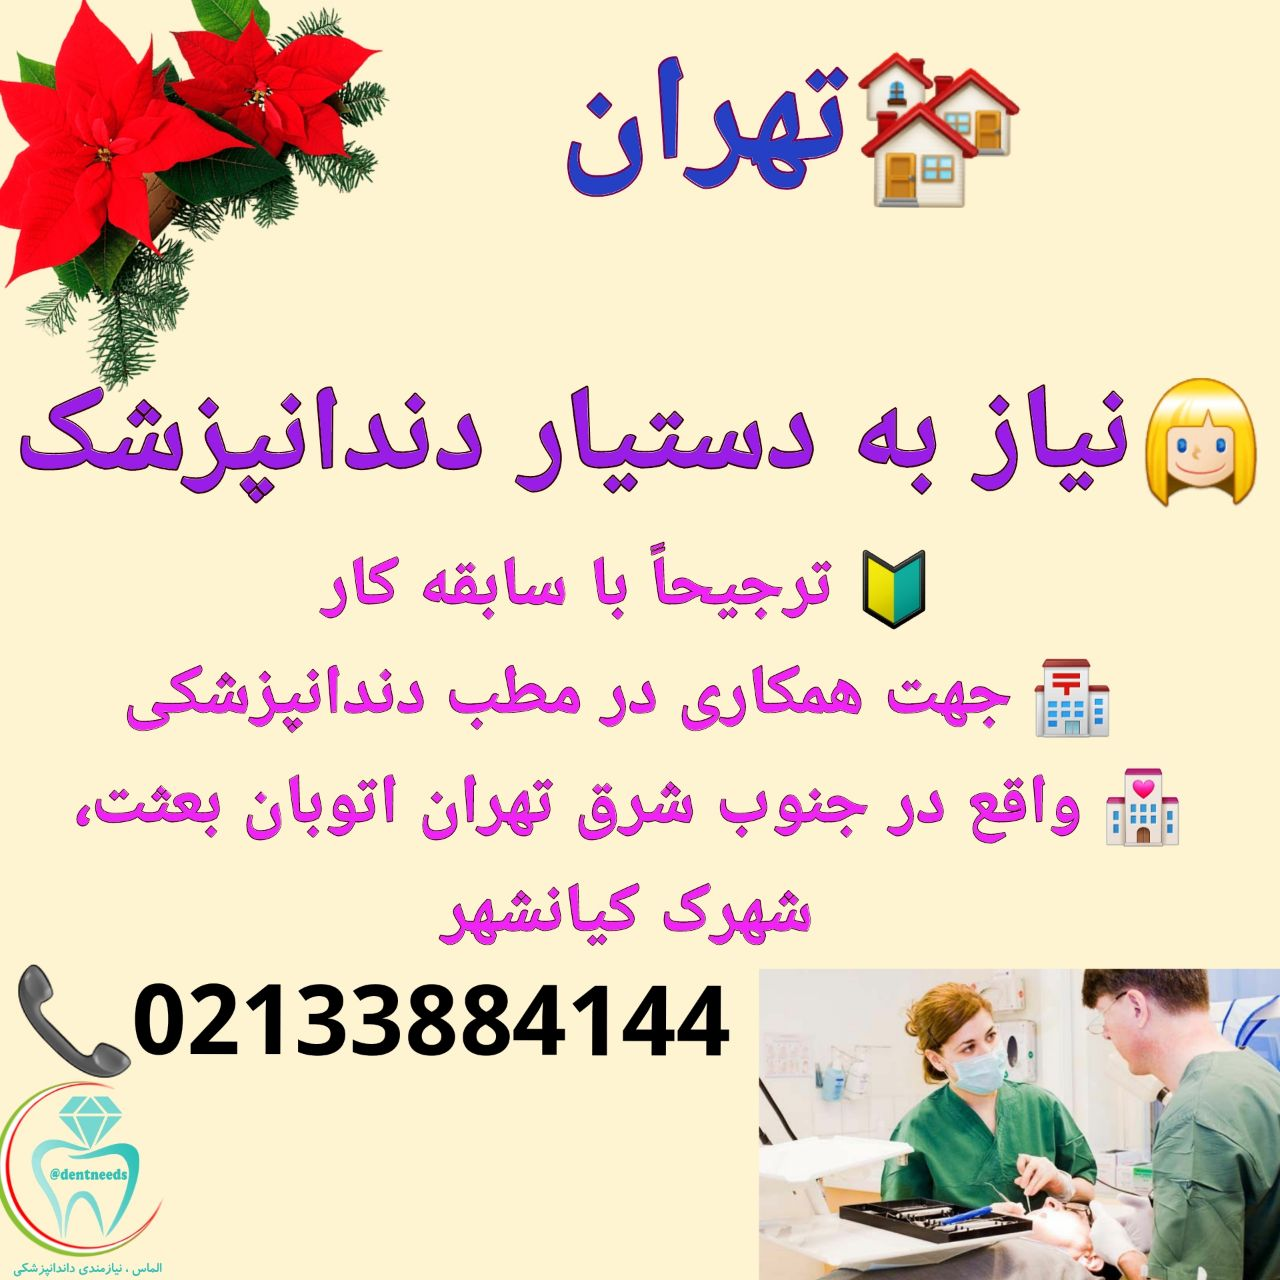 تهران: نیاز به دستیار دندانپزشک